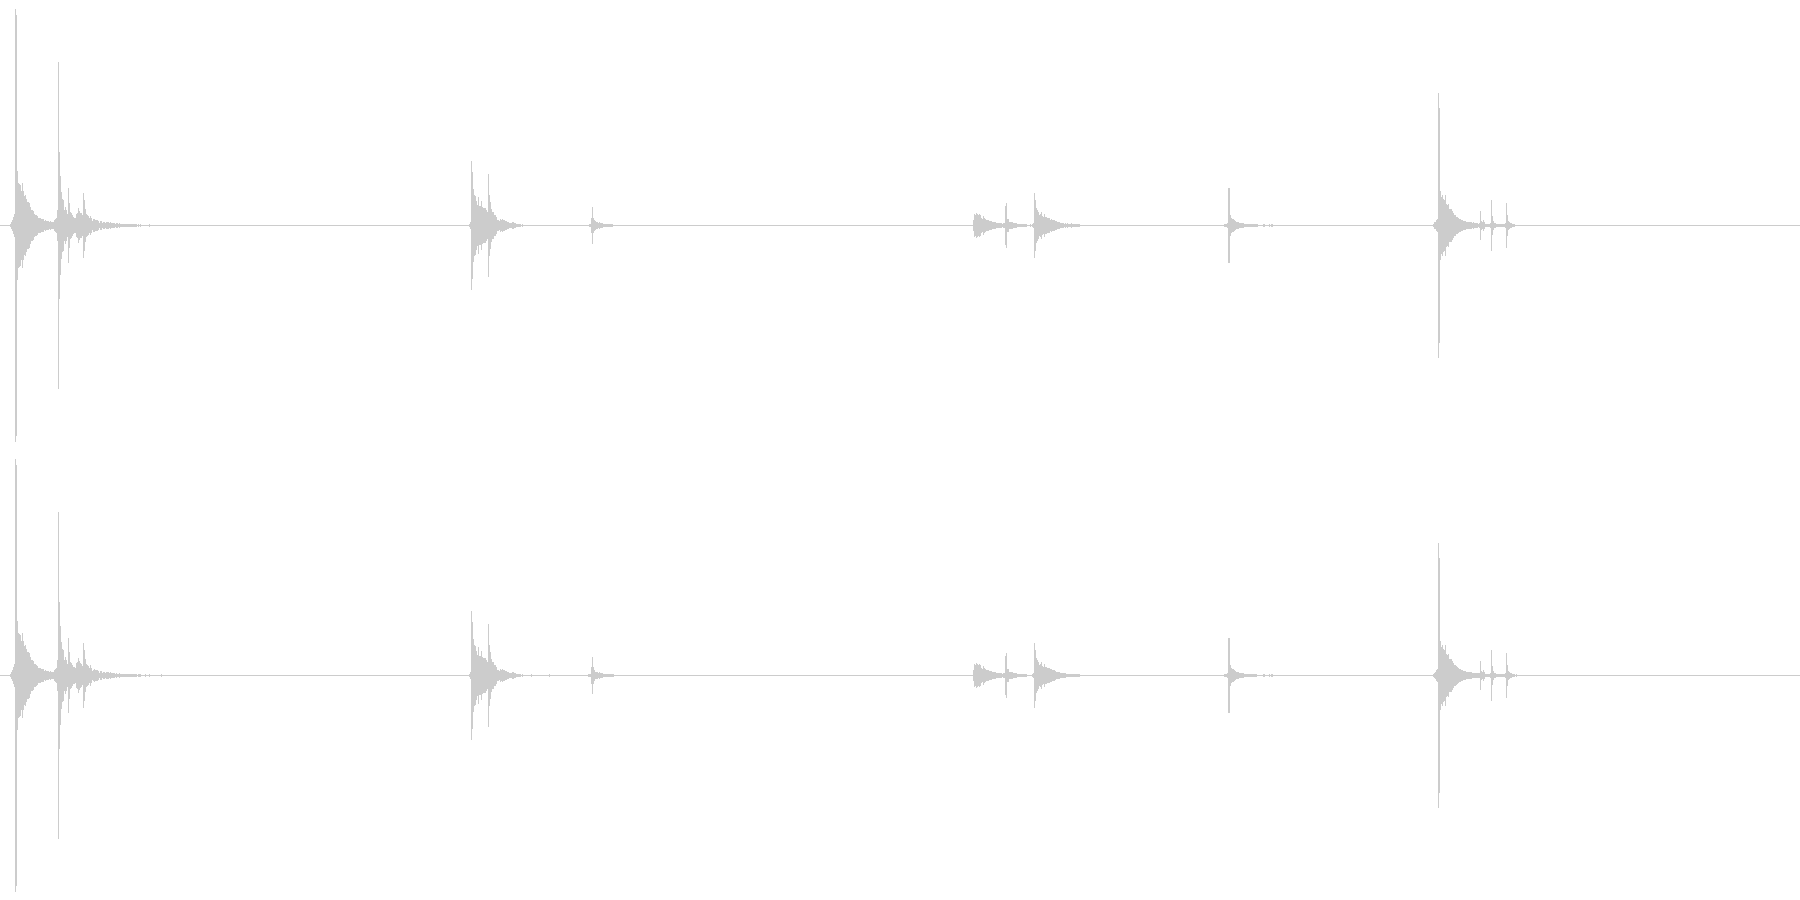 ぱち ぱちり ぺかっの未再生の波形